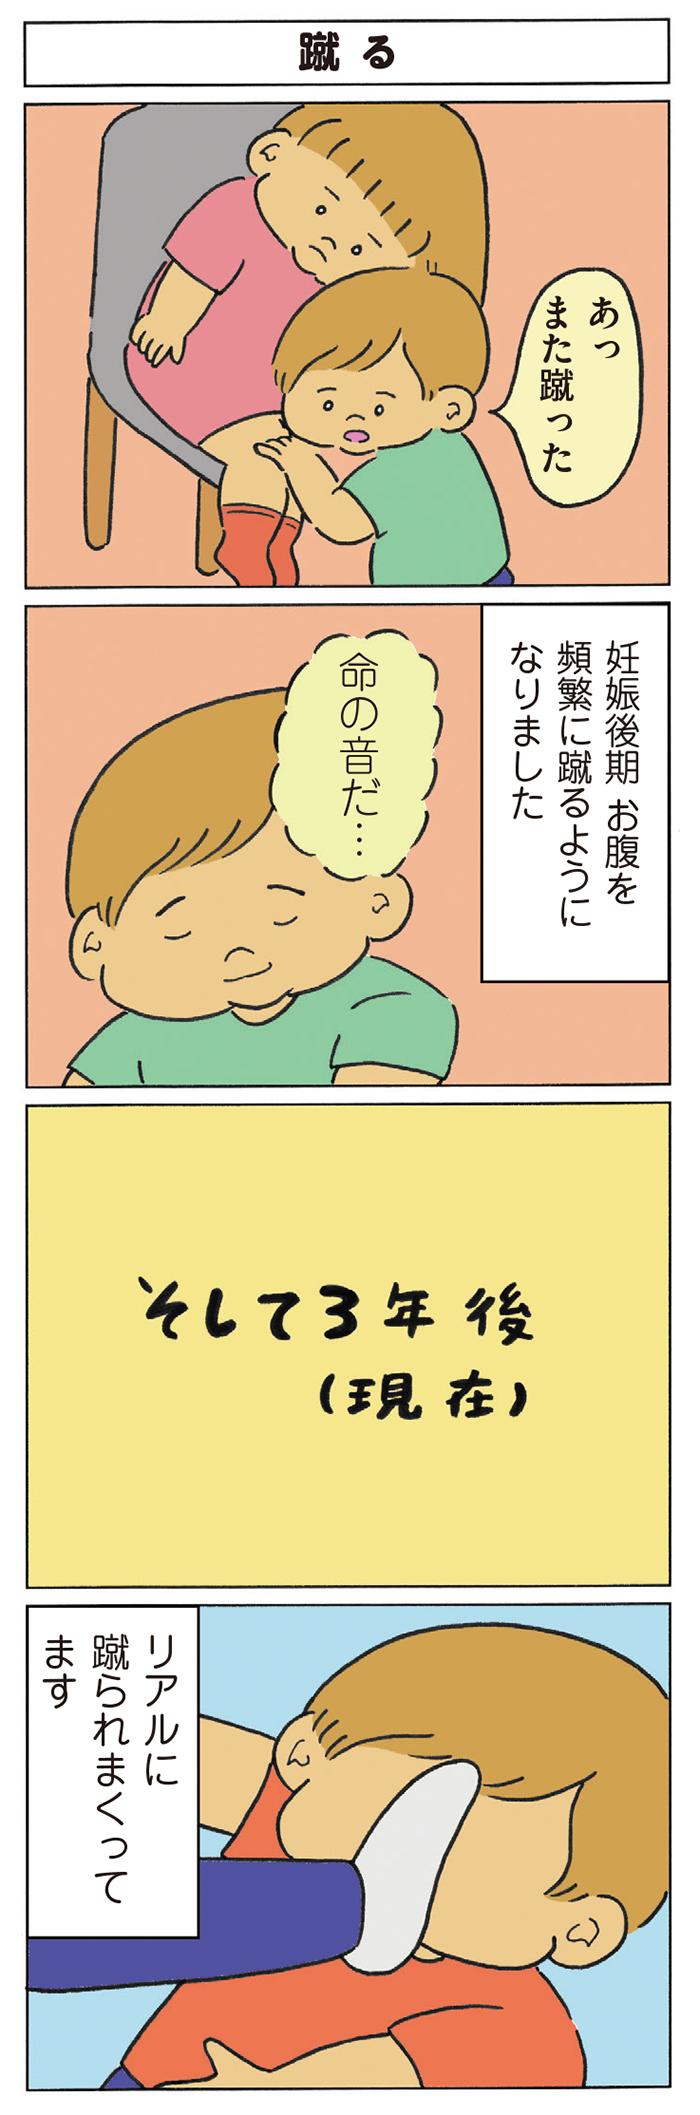 """「そっと置いたのに…!」大人気パパ漫画家さんの描く、""""うちの場合""""に爆笑の嵐!の画像12"""